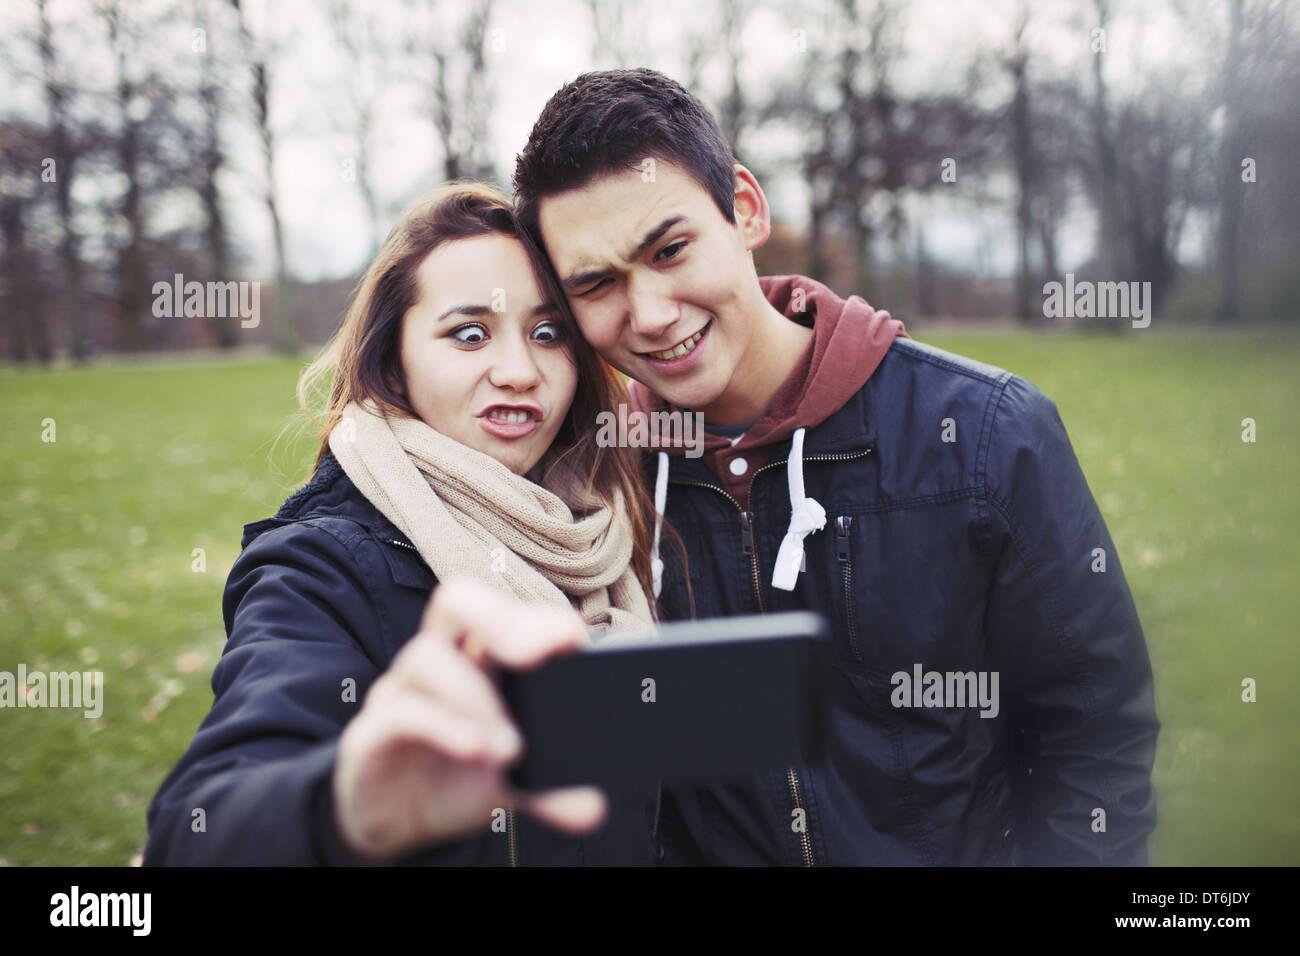 La pareja de adolescentes divertido fotografiar a sí mismos con smart phone en el parque. Linda chica con su novio tomando fotos. Imagen De Stock